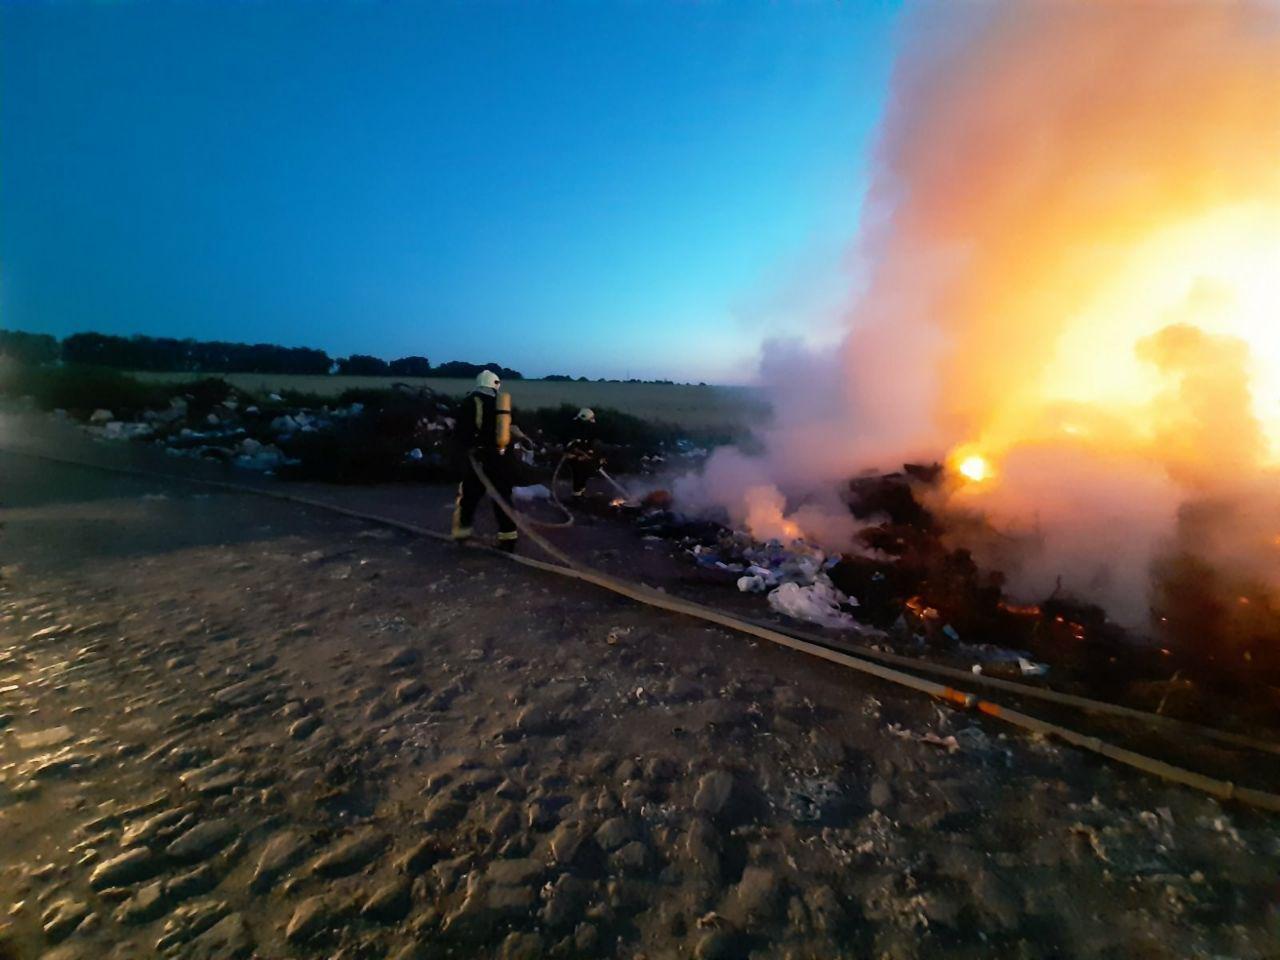 Кіровоградська область: рятувальники приборкали 8 пожеж різного характеру, фото-2